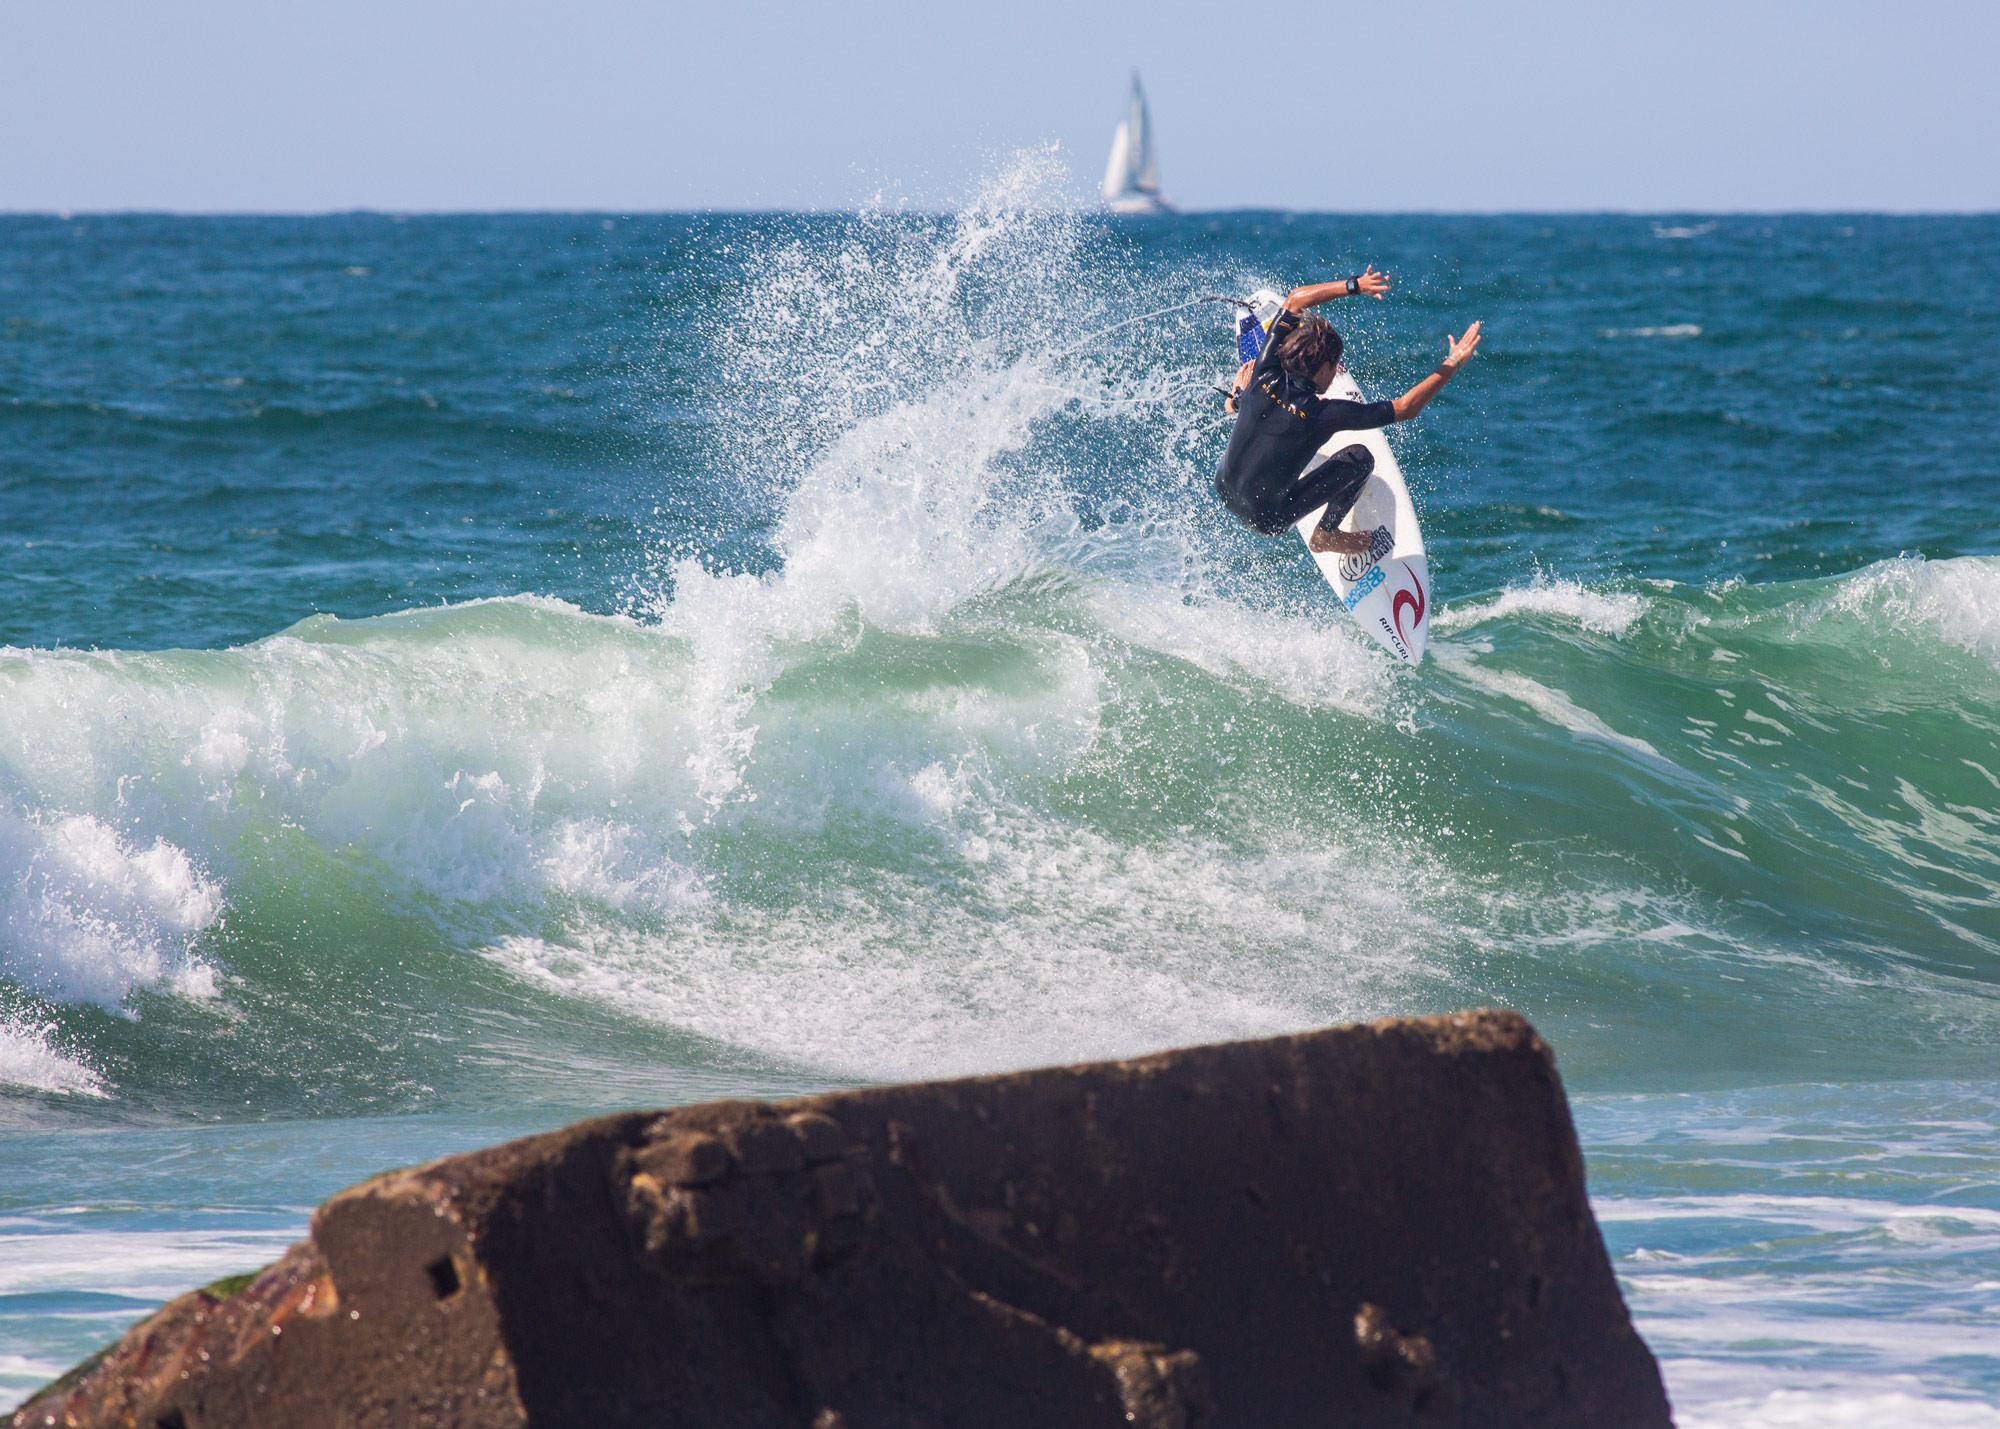 Mit seinem Powersurfing könnte Arne Bergwinkl gute Chancen auf einen erneuten Titel haben. Foto: Patrick Steiner